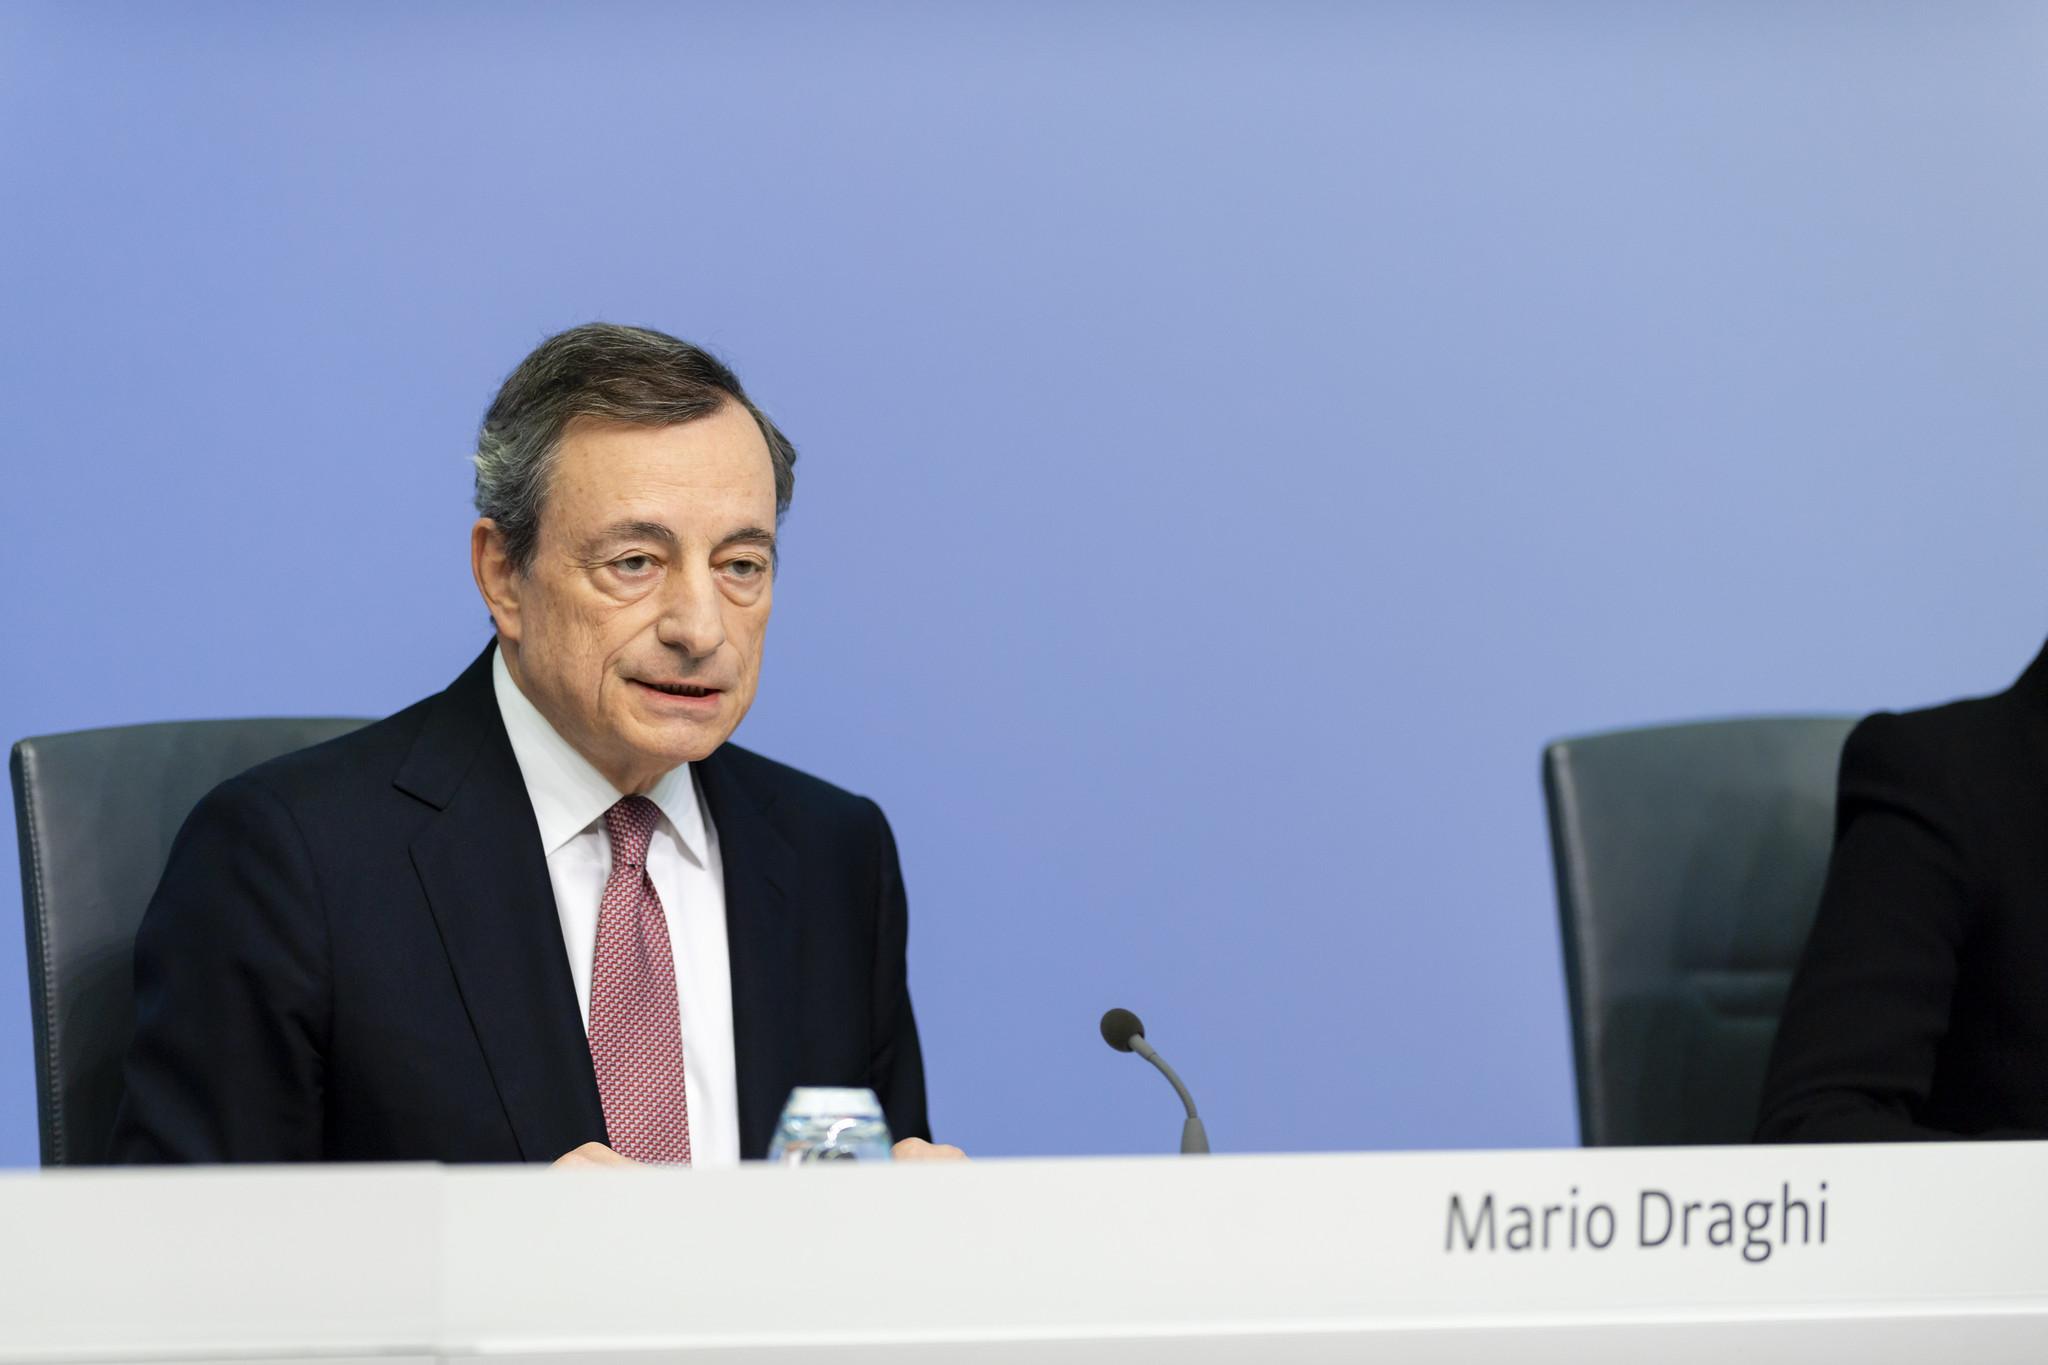 La conoscenza, il coraggio, l'umiltà: la lezione di Mario Draghi